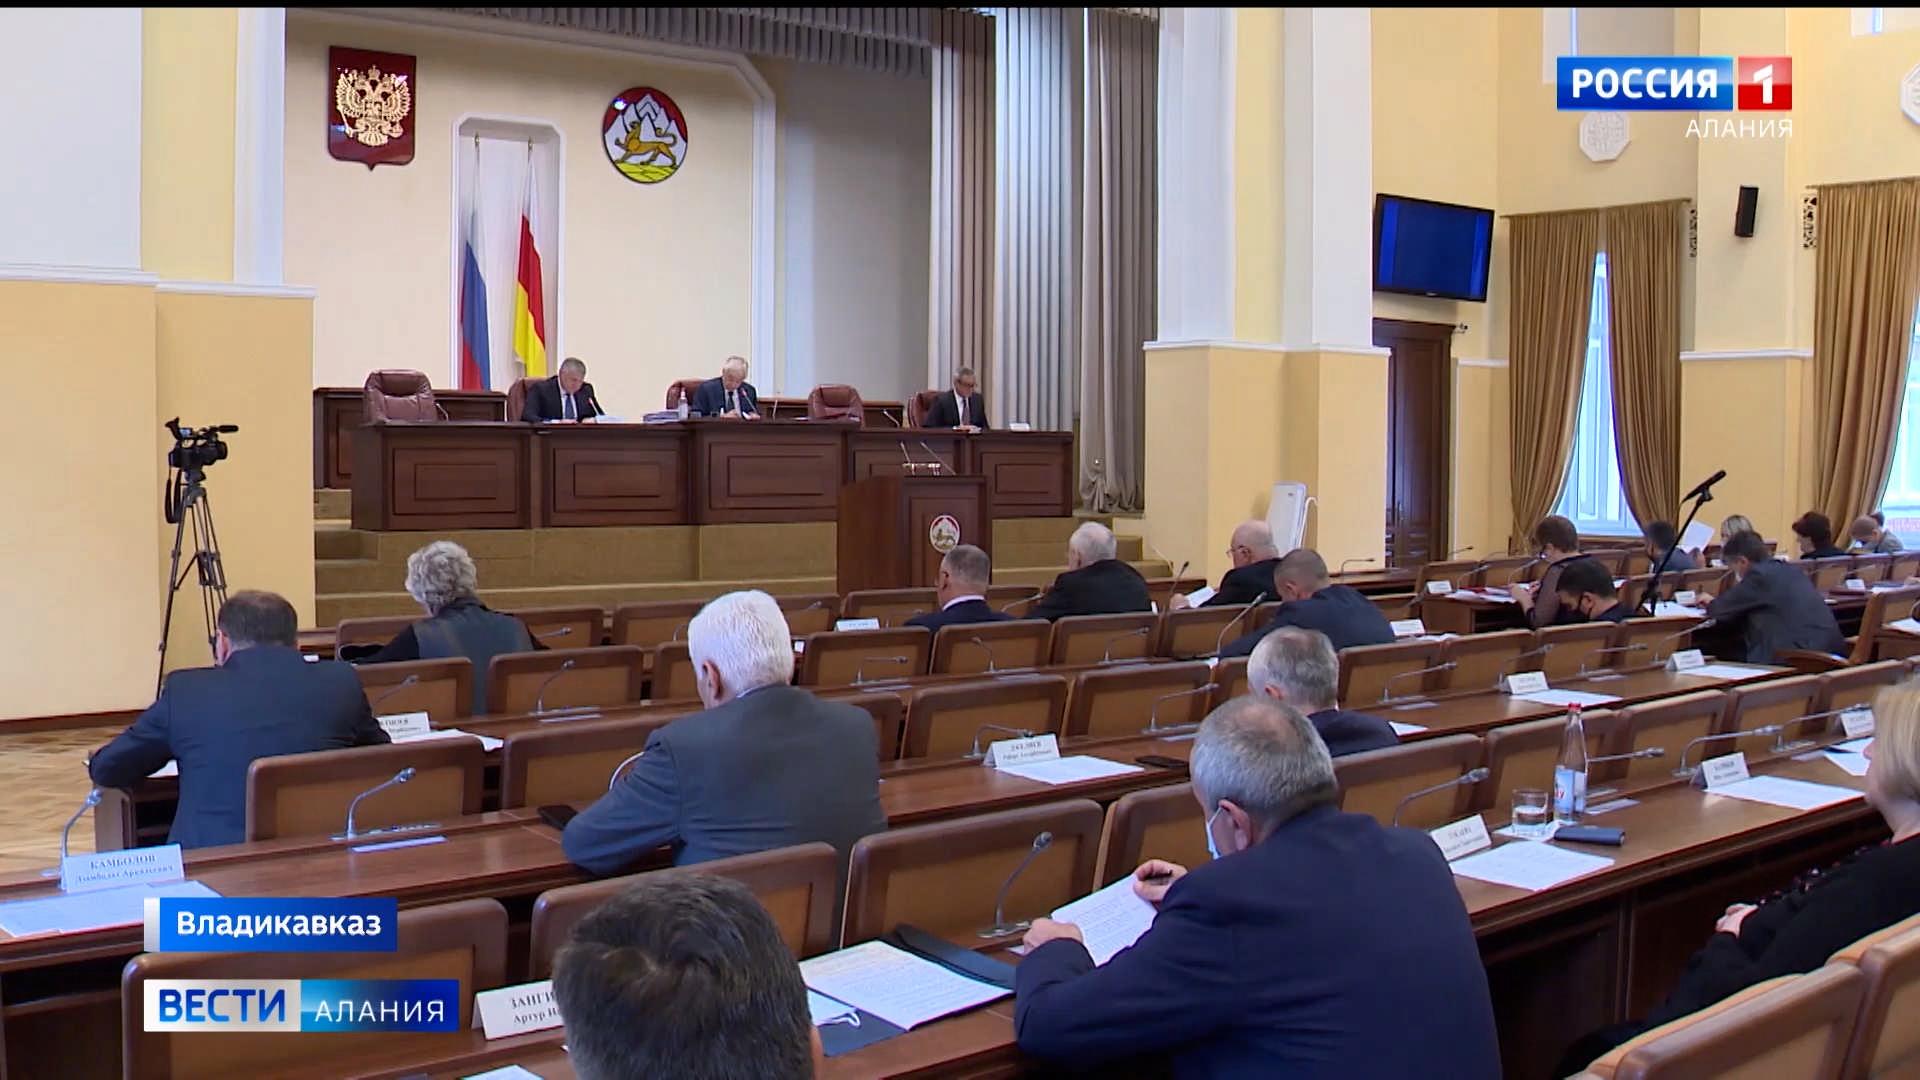 Почти 3,5 млрд рублей получит Северная Осетия из федерального бюджета в 2022 году